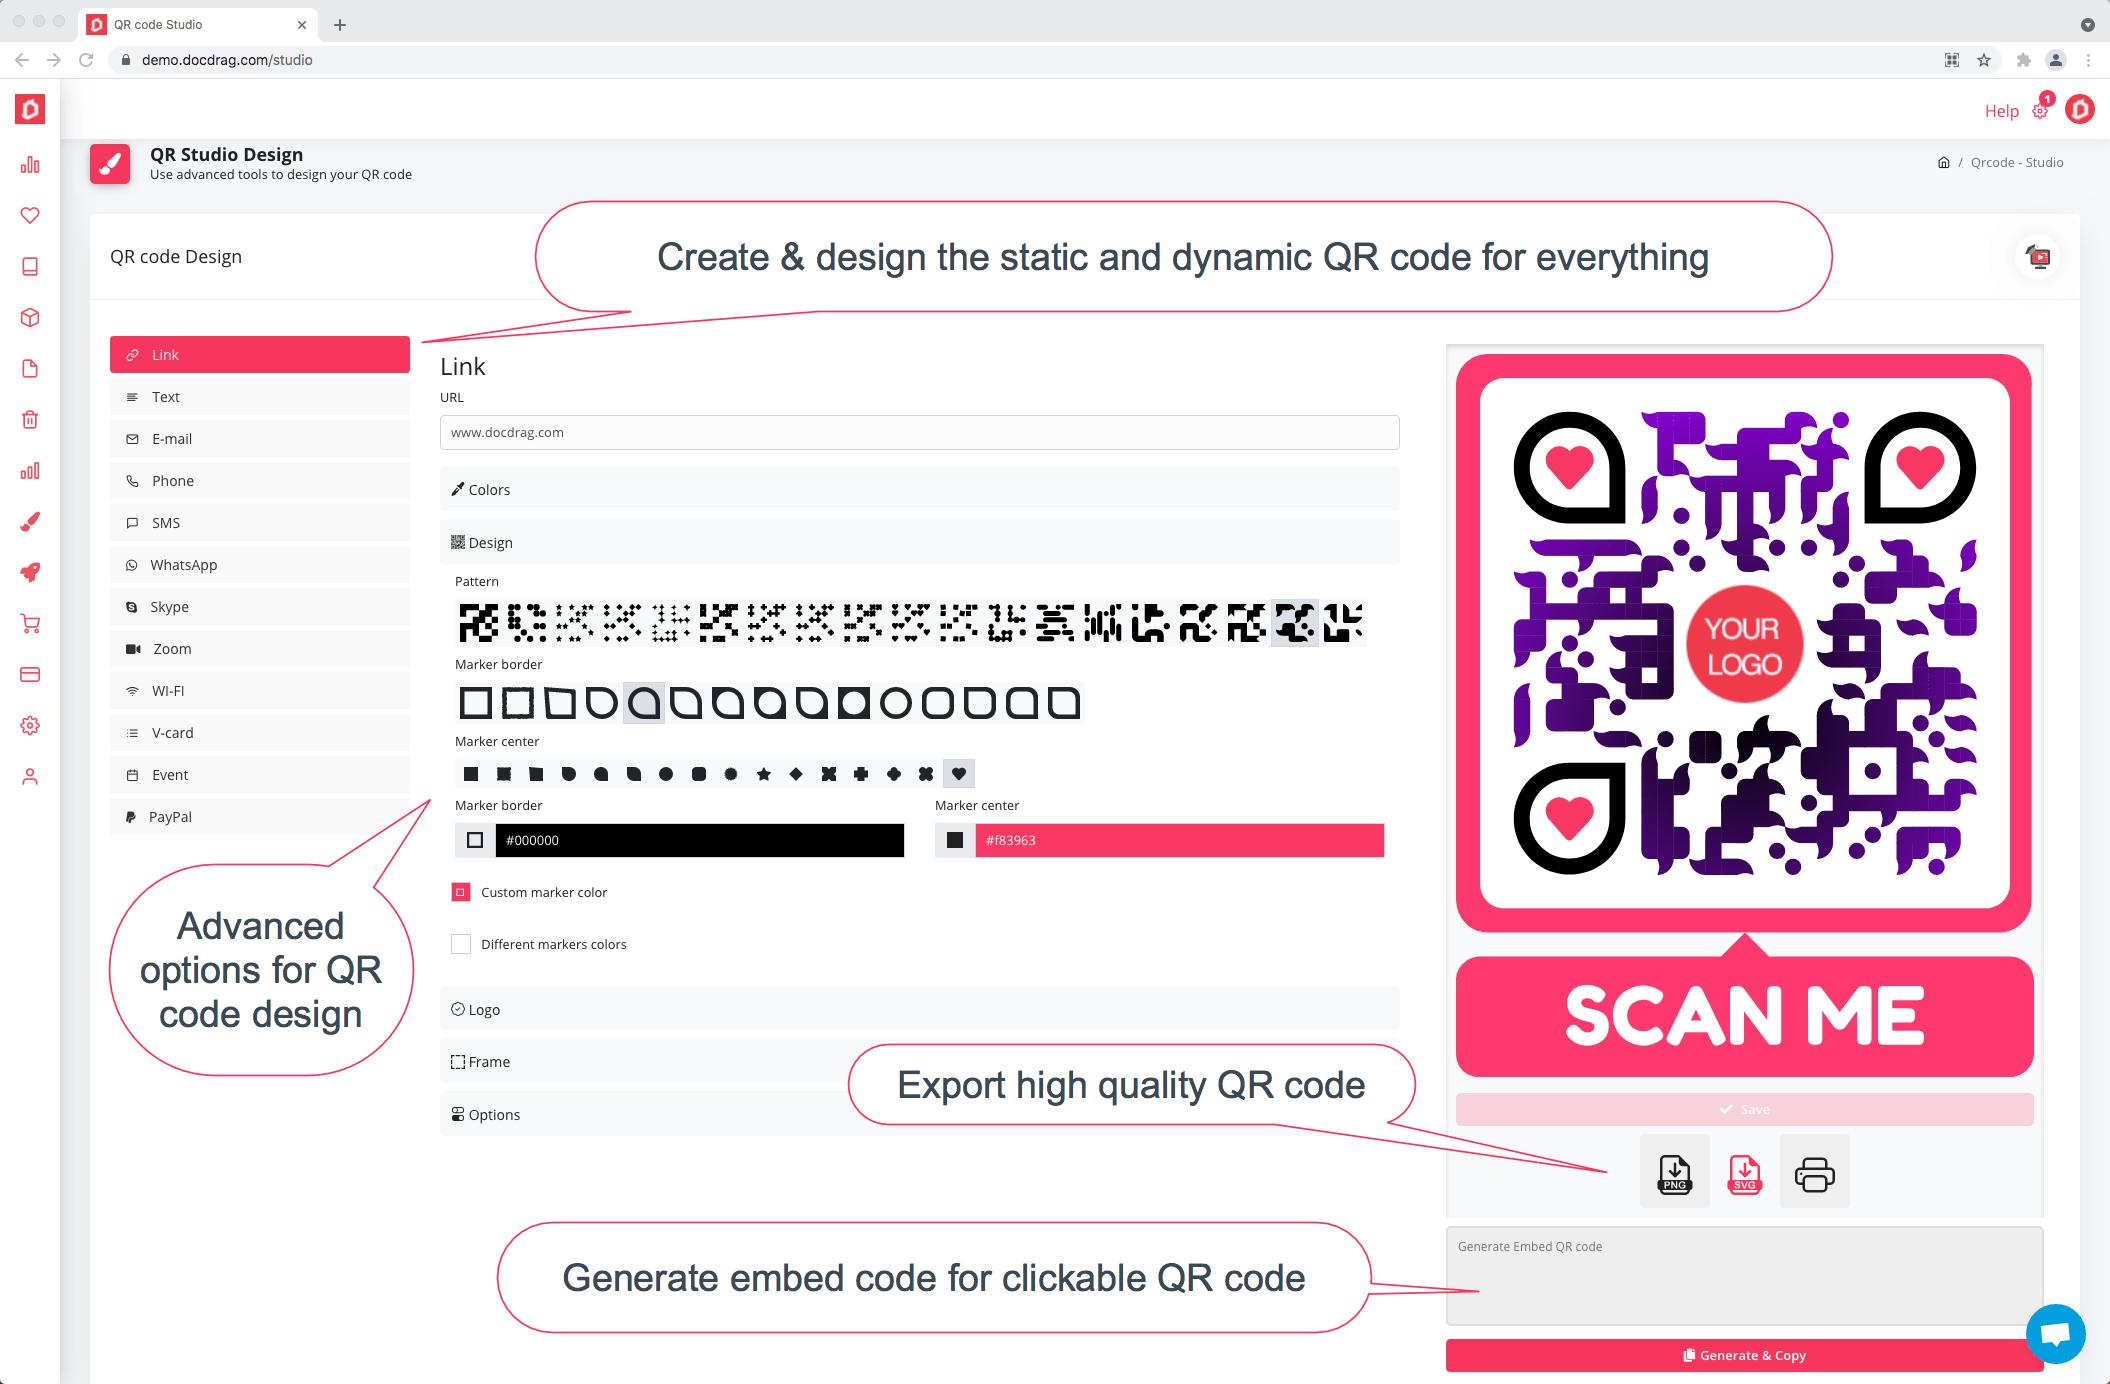 QR code Design studio - docdrag